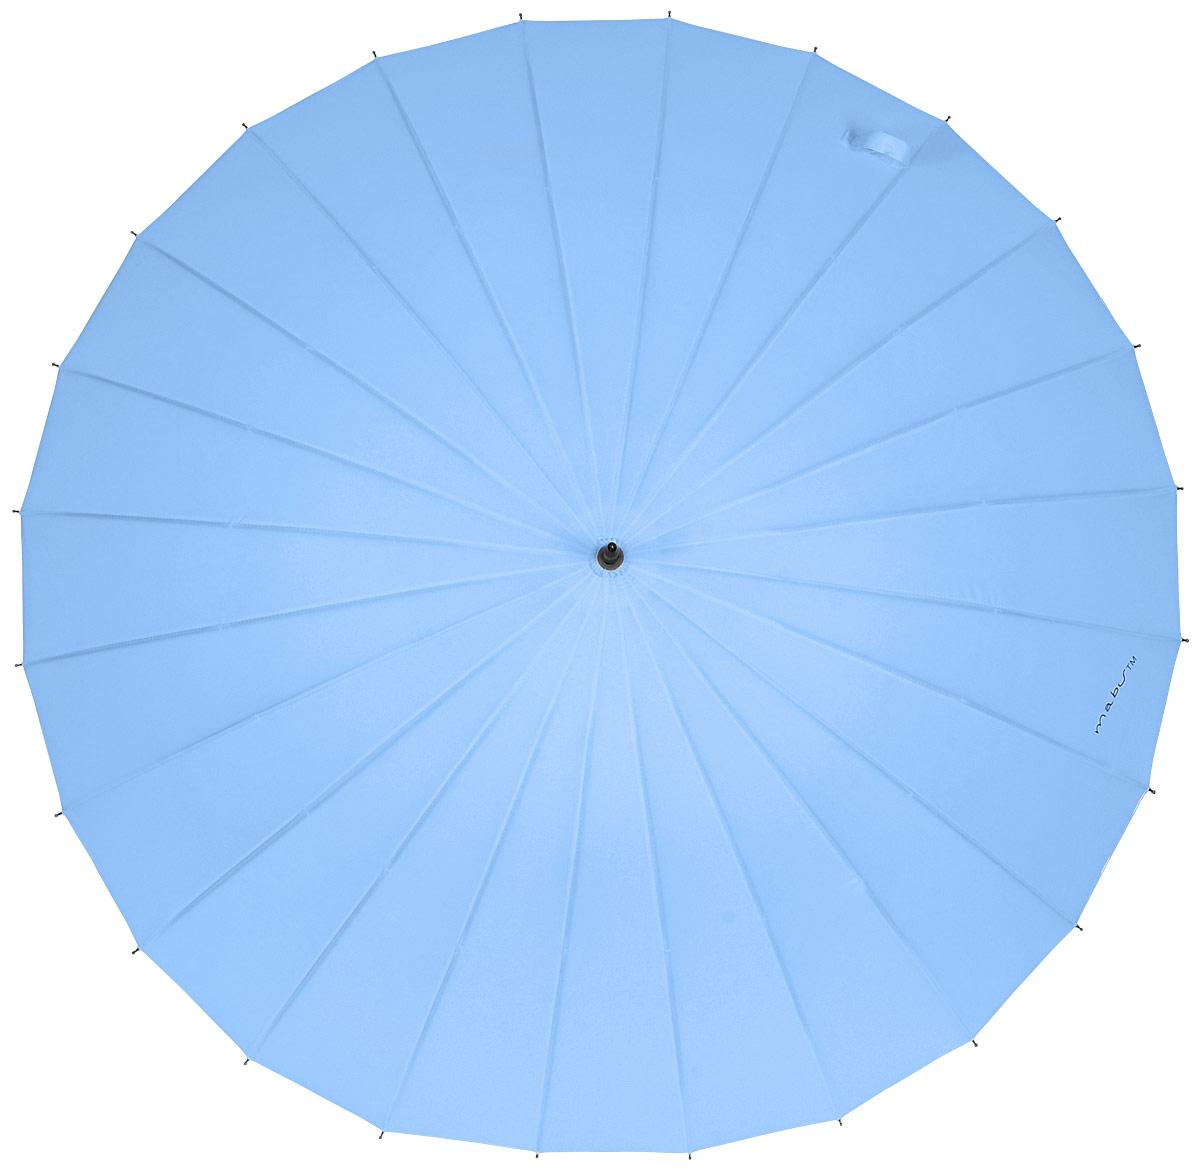 Зонт женский Kawaii Factory Mabu, цвет: синий. KW042-000044KW042-000044Элегантный зонт от Kawaii Factory Mabu даже в ненастную погоду позволит вам оставаться стильной и элегантной. Зонт состоит из стержня и 24 спиц, изготовленных из металла. Купол изготовлен из полиэстера, который надежно защитит вас от дождя. Зонт дополнен удобной ручкой, которая выполнена в виде крючка. Также зонт имеет пластиковый наконечник, который устраняет попадание воды на стержень и уберегает зонт от повреждений. Изделие имеет механический механизм сложения. Зонт закрывается хлястиком на кнопку.